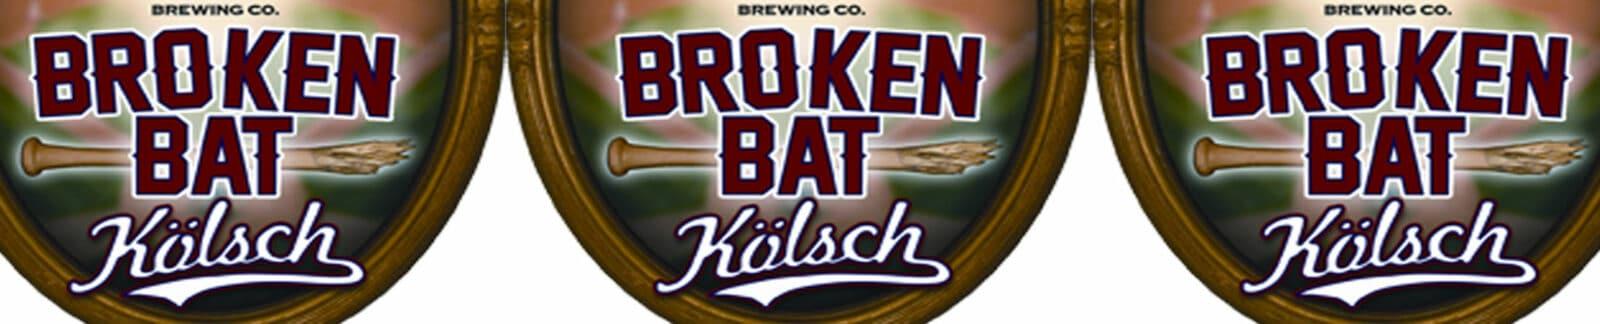 Broken Bat Kolsch header